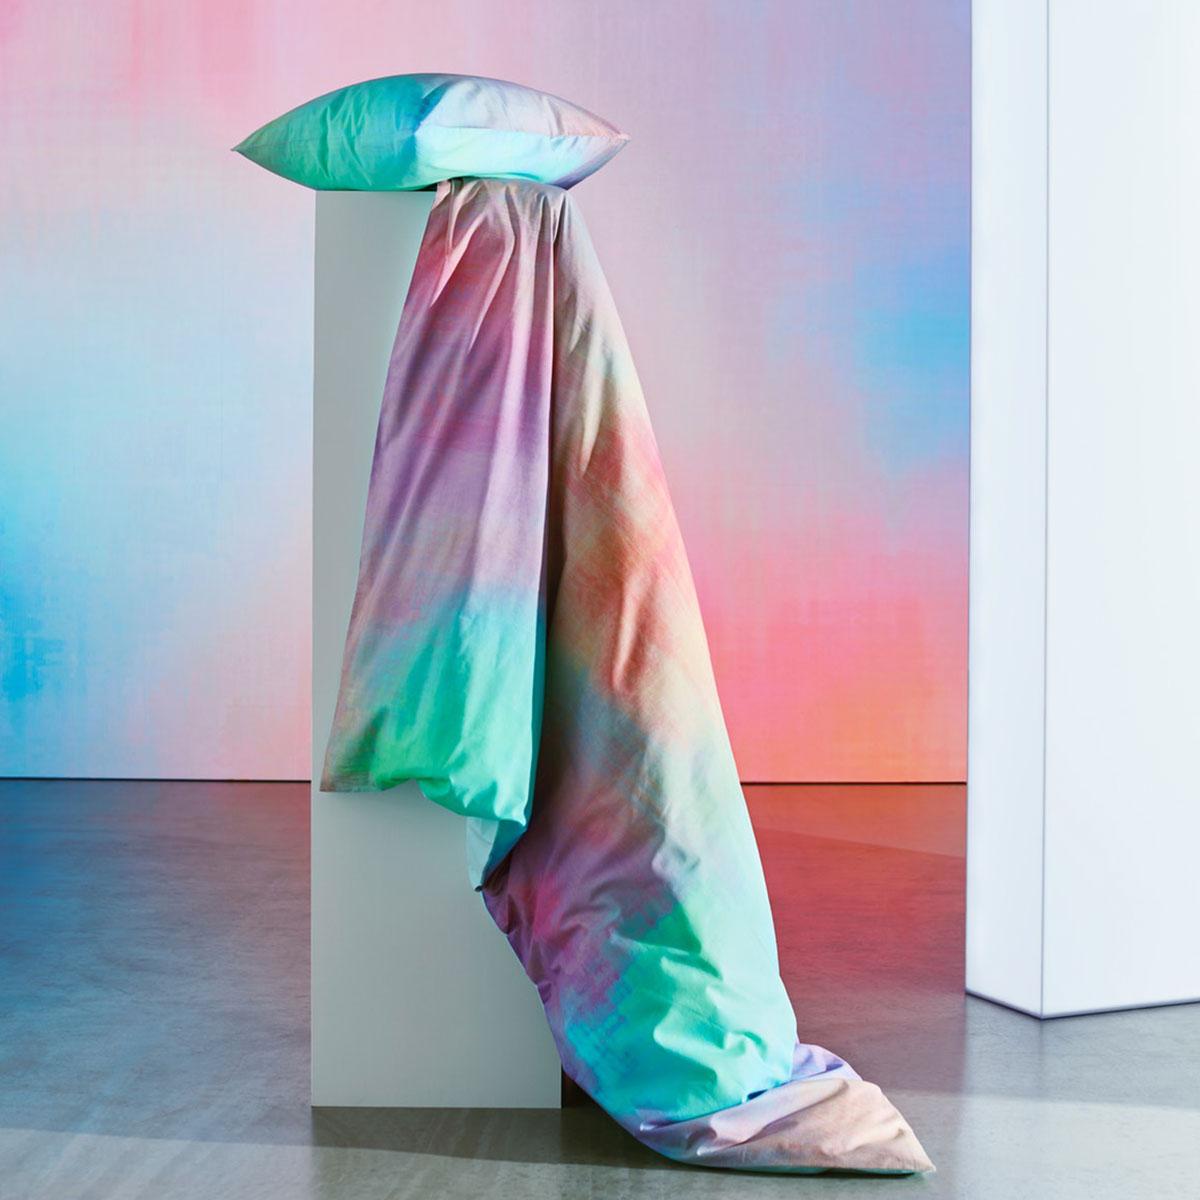 Nahaufnahme von PIPSTÄKRA Bettwäscheset, 2-teilig bunt, das an ein Wasserfarbenbild erinnert.